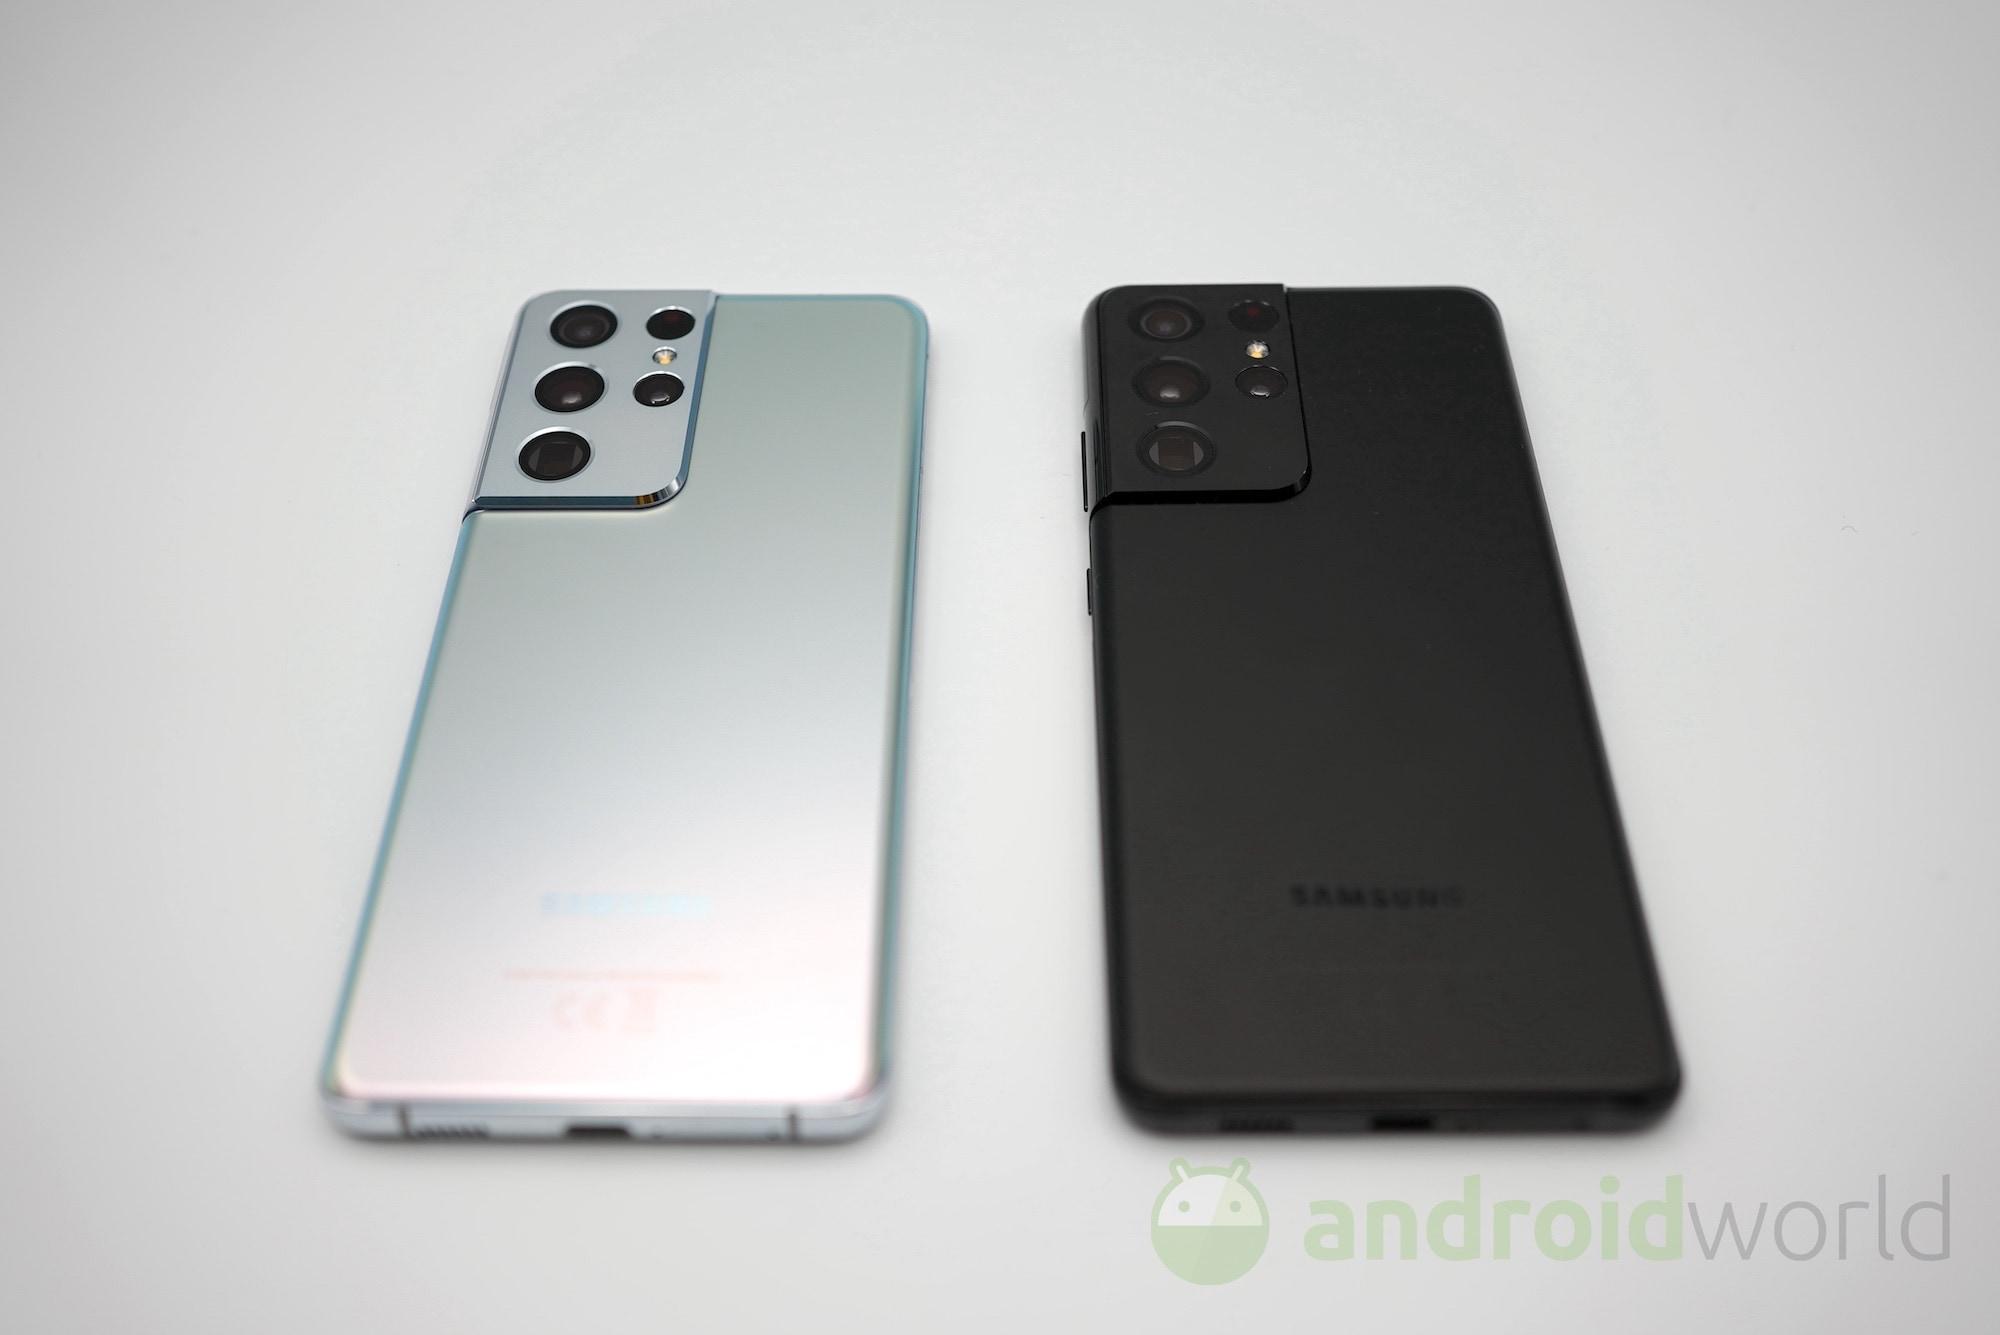 Ecco cosa invidiare alla versione cinese di Galaxy S21 (foto)